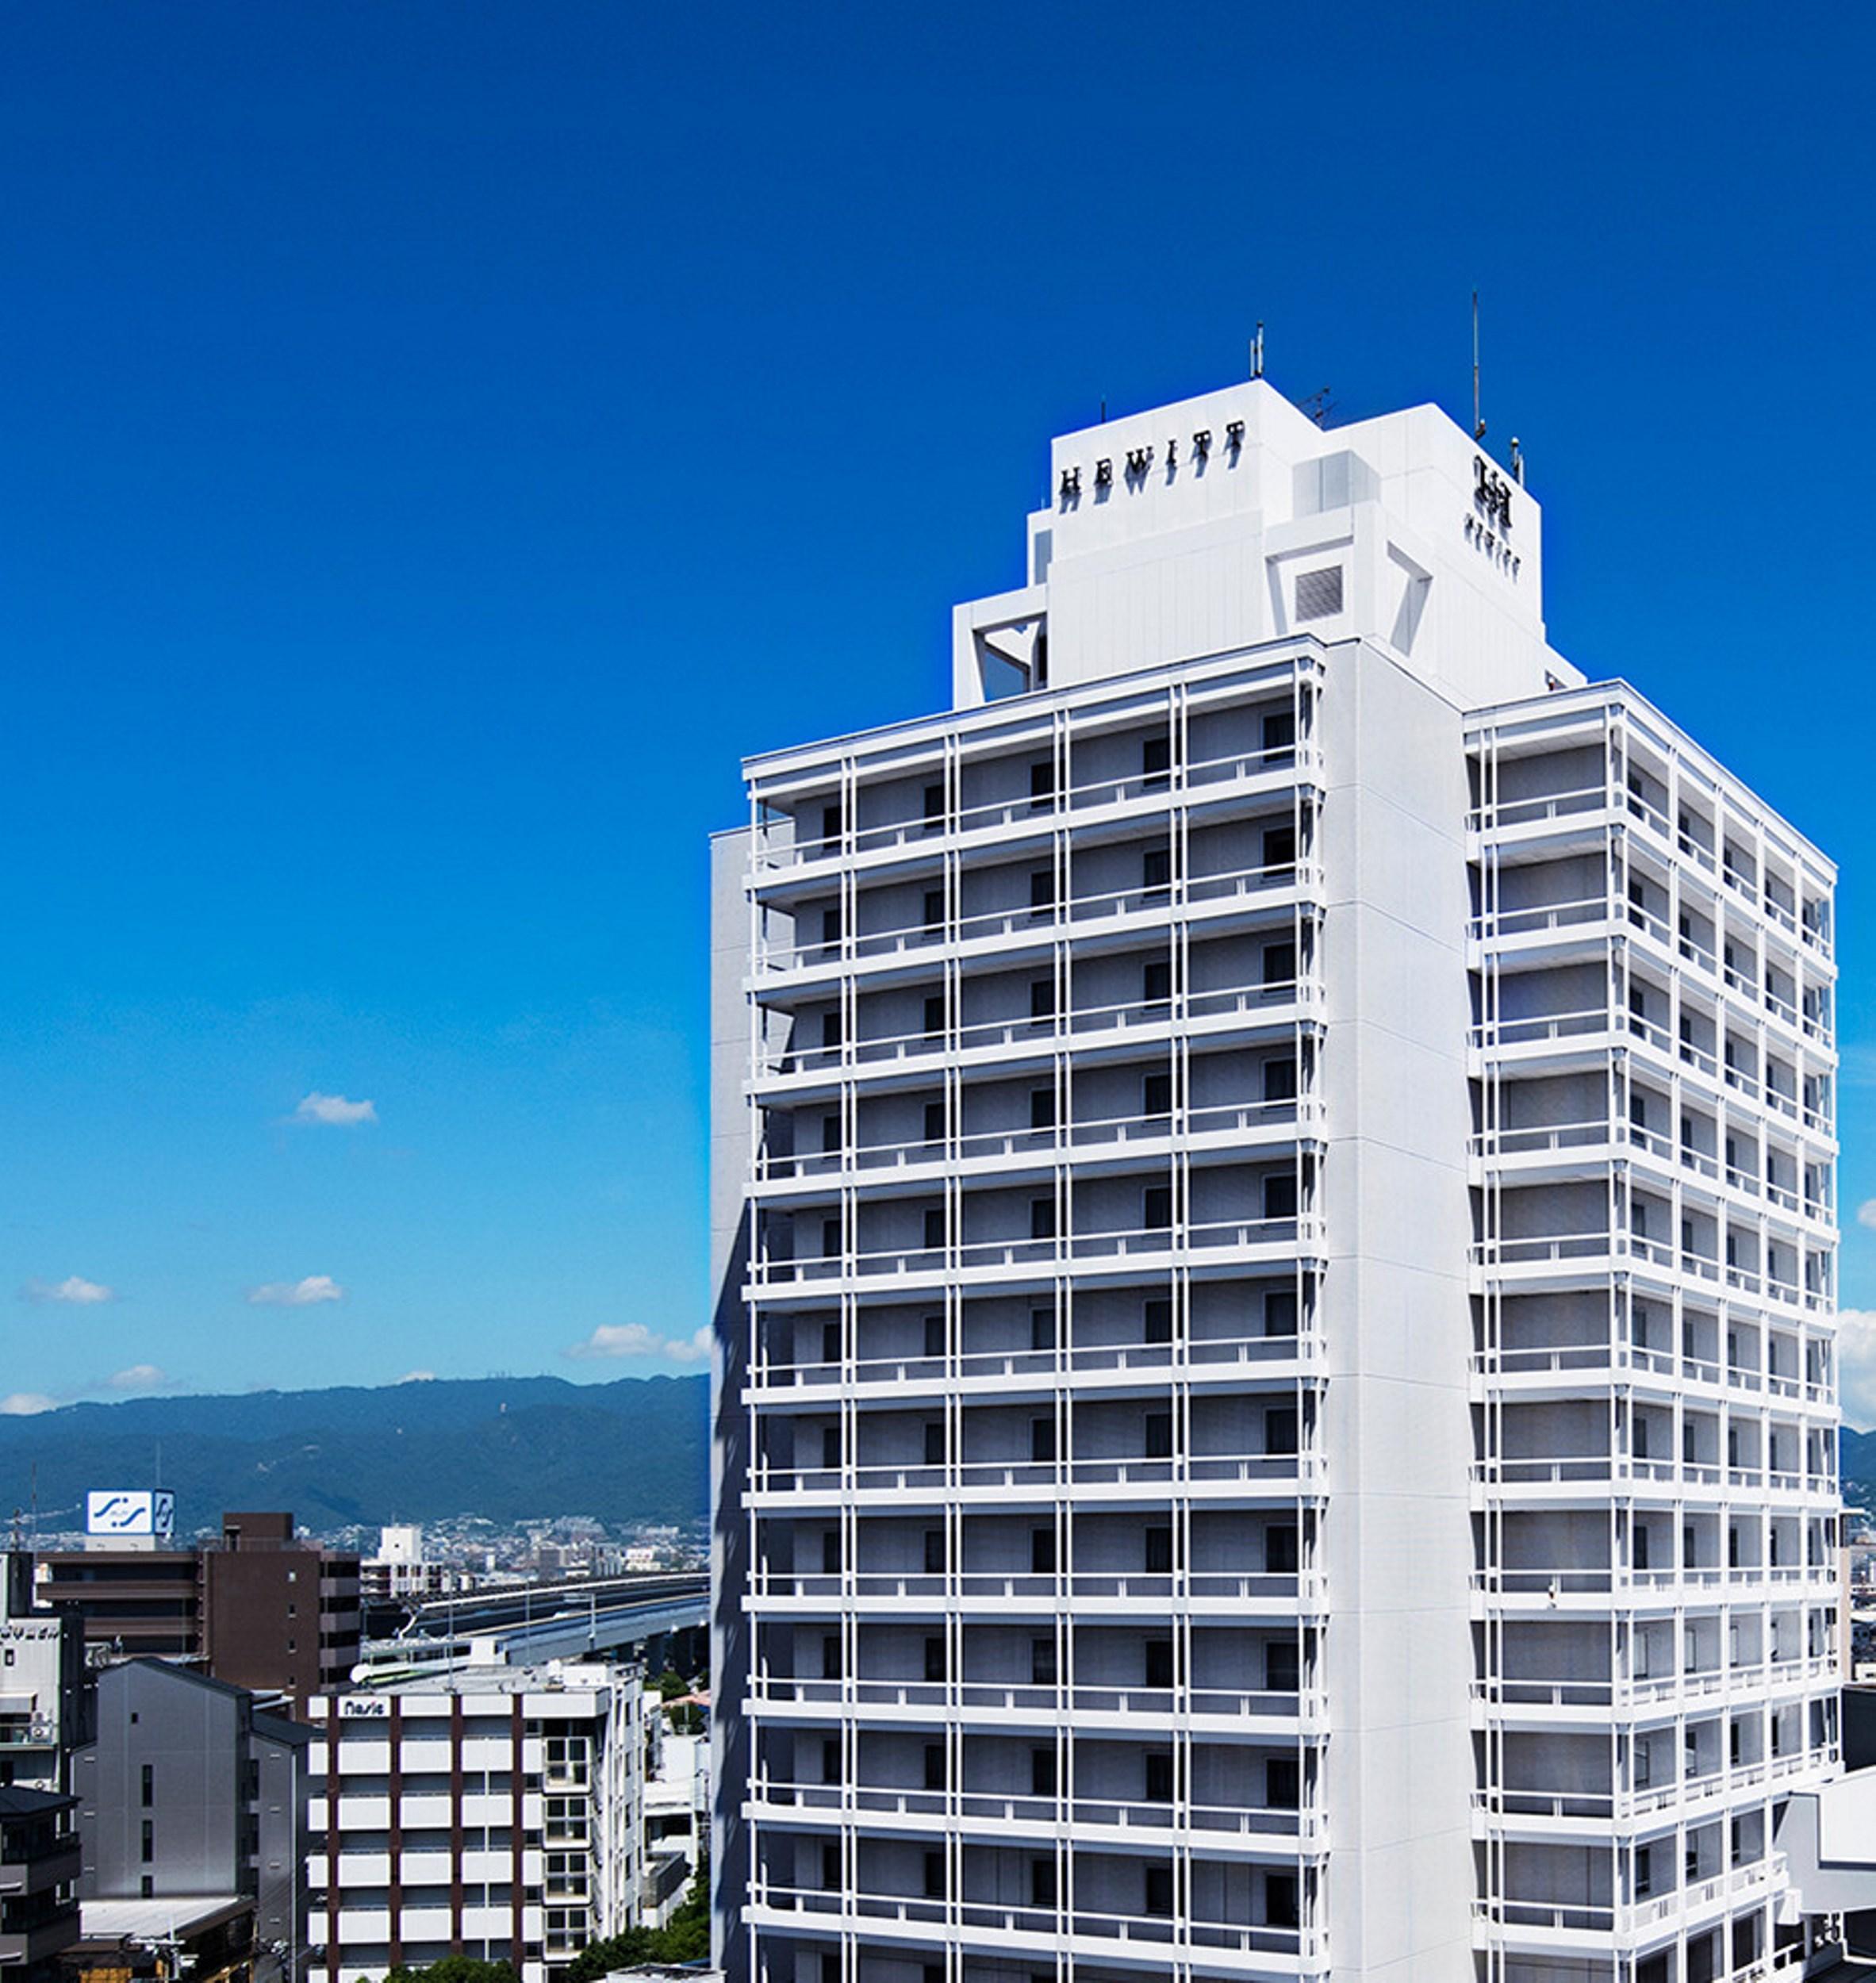 Hewitt Koshen, Nishinomiya